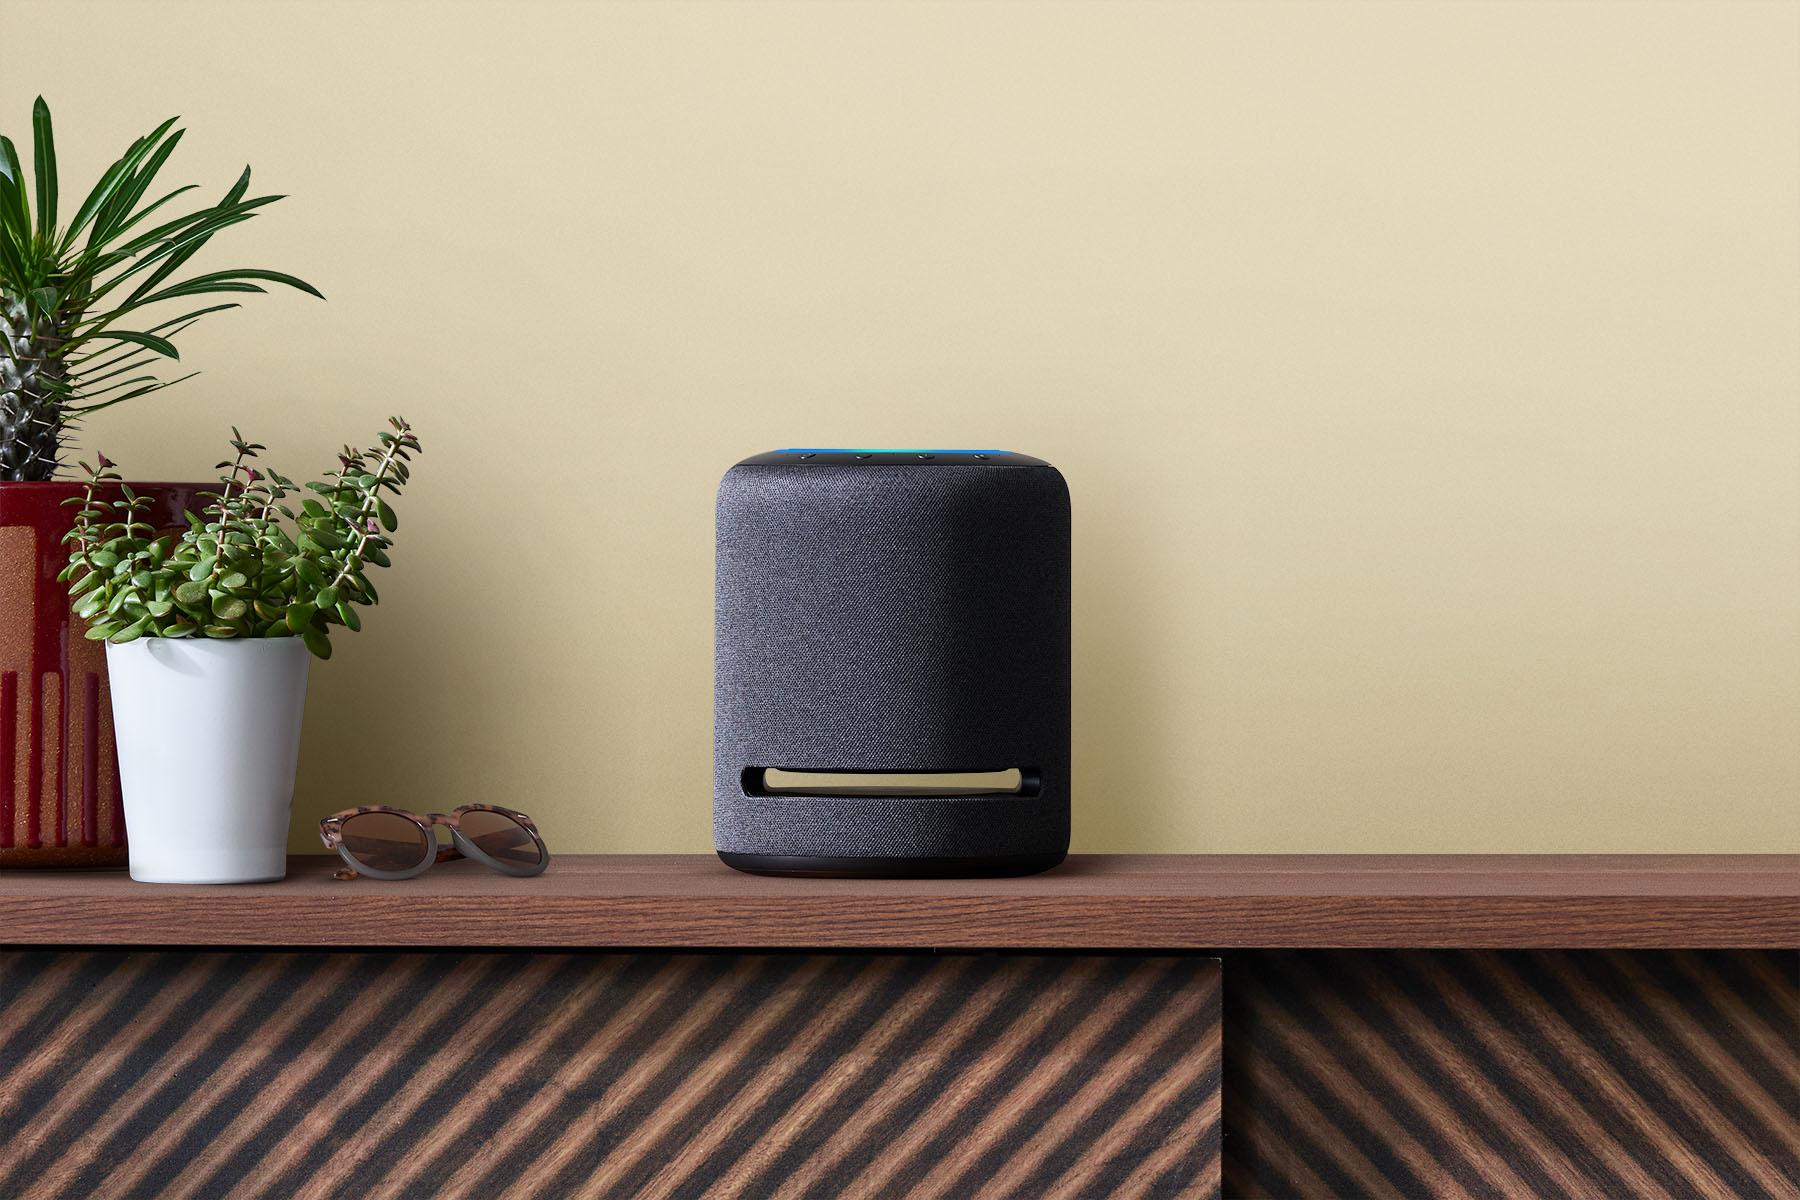 Echo Studio è arrivato in Italia: partite le consegne, ecco come acquistarlo - image  on https://www.zxbyte.com